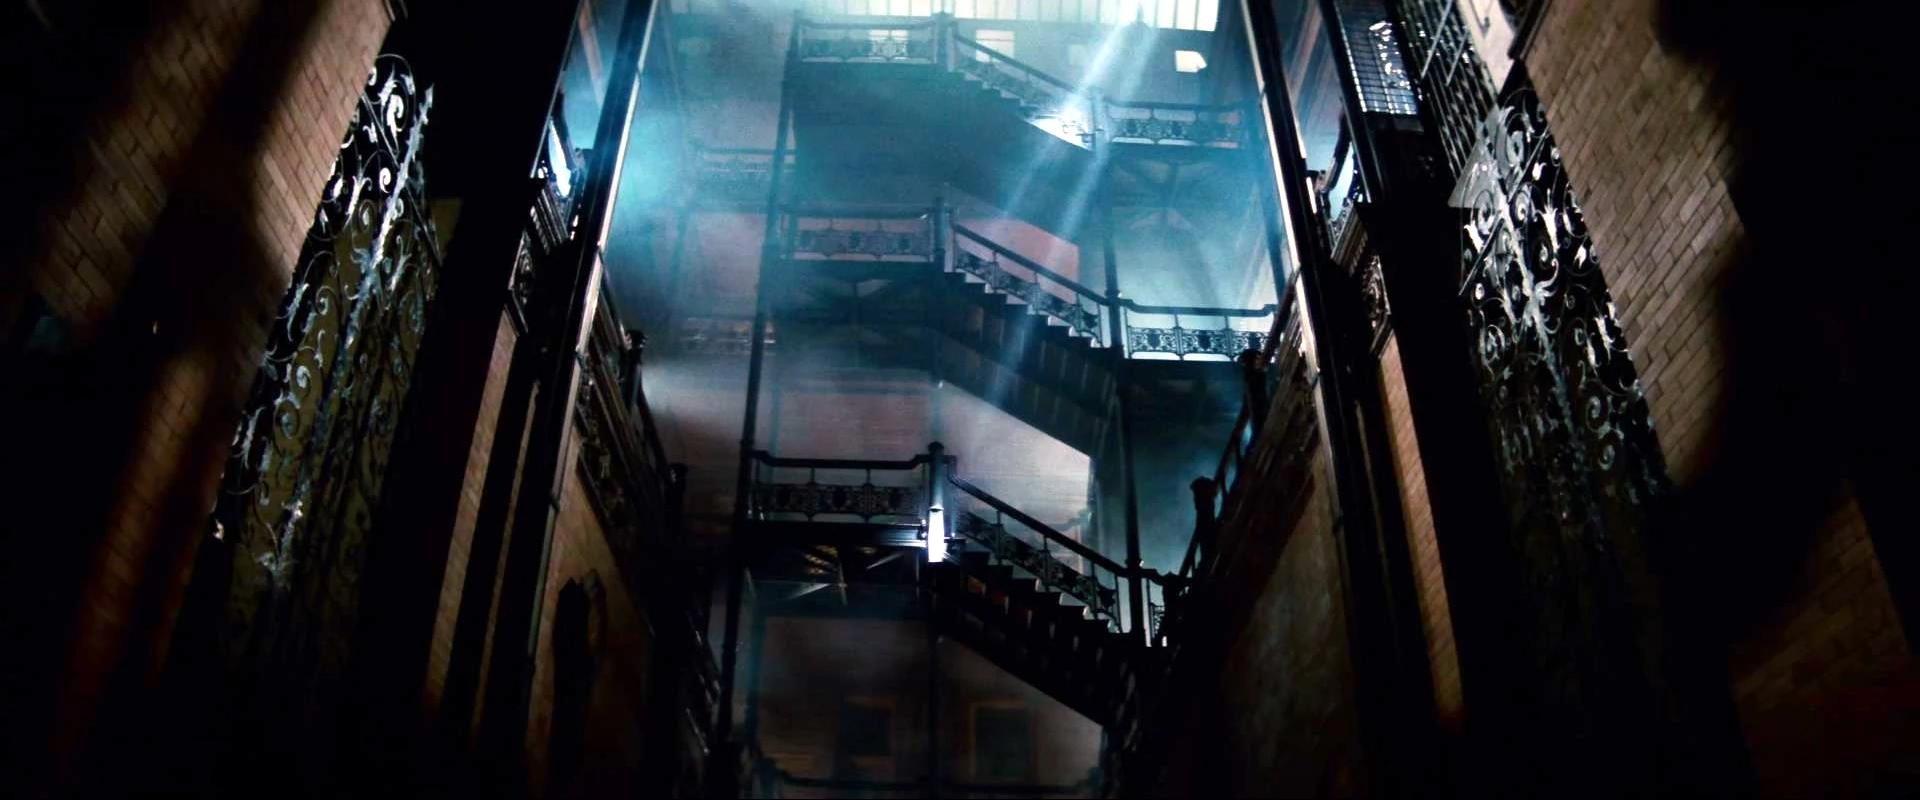 Blade Runner Off World The Blade Runner Wiki